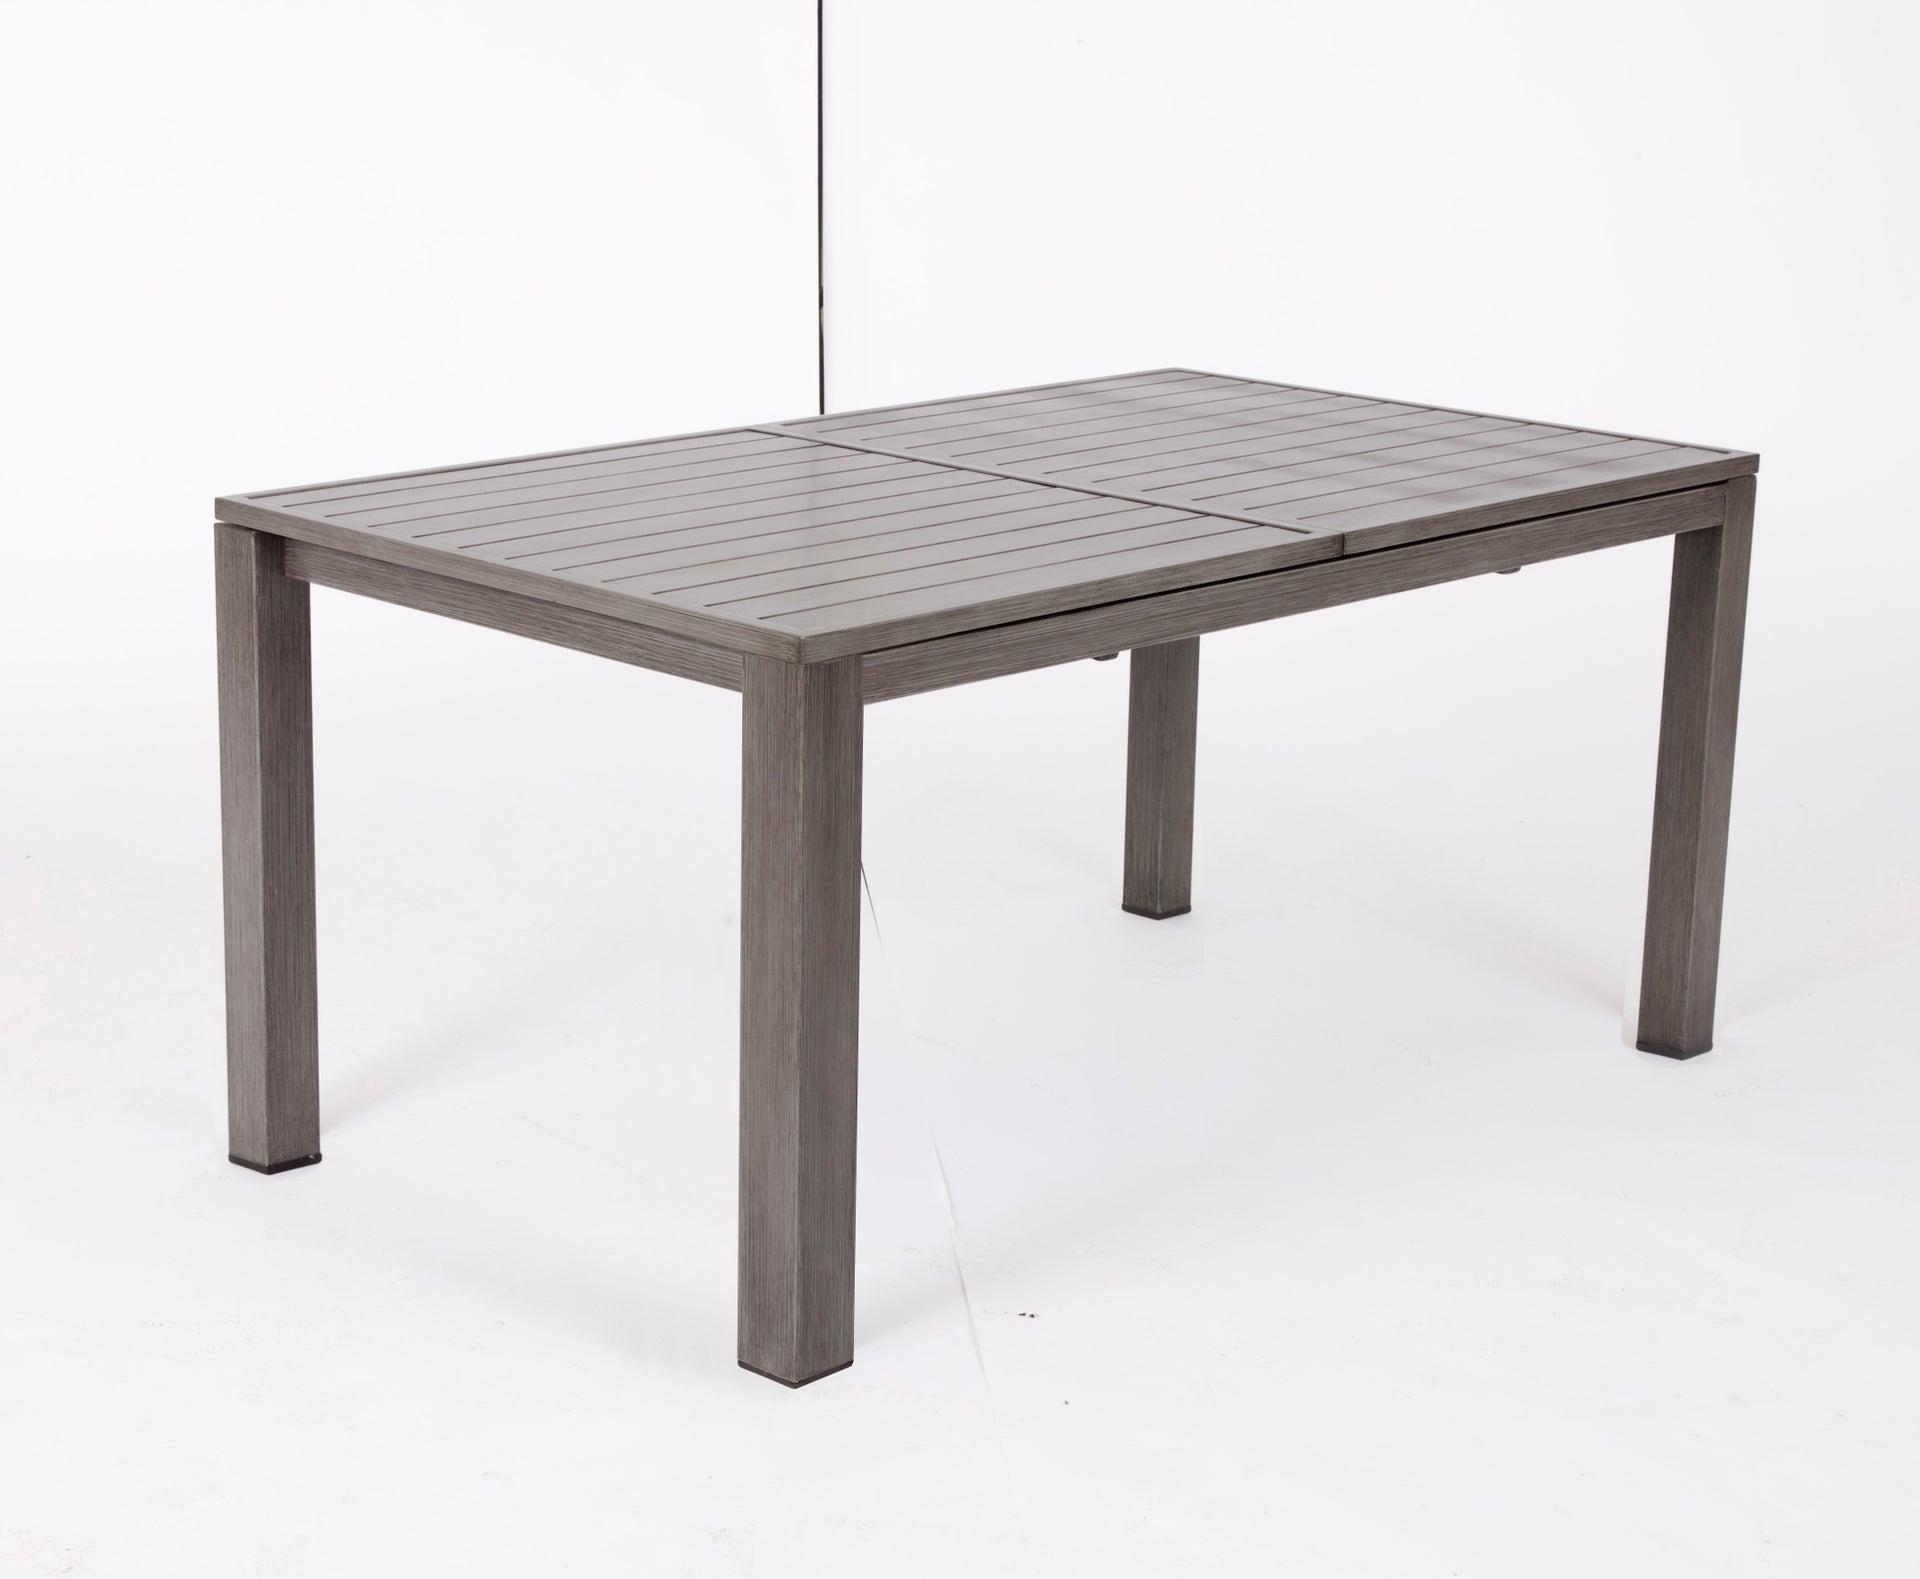 Table de jardin de repas NATERIAL Antibes rectangulaire gris de 10